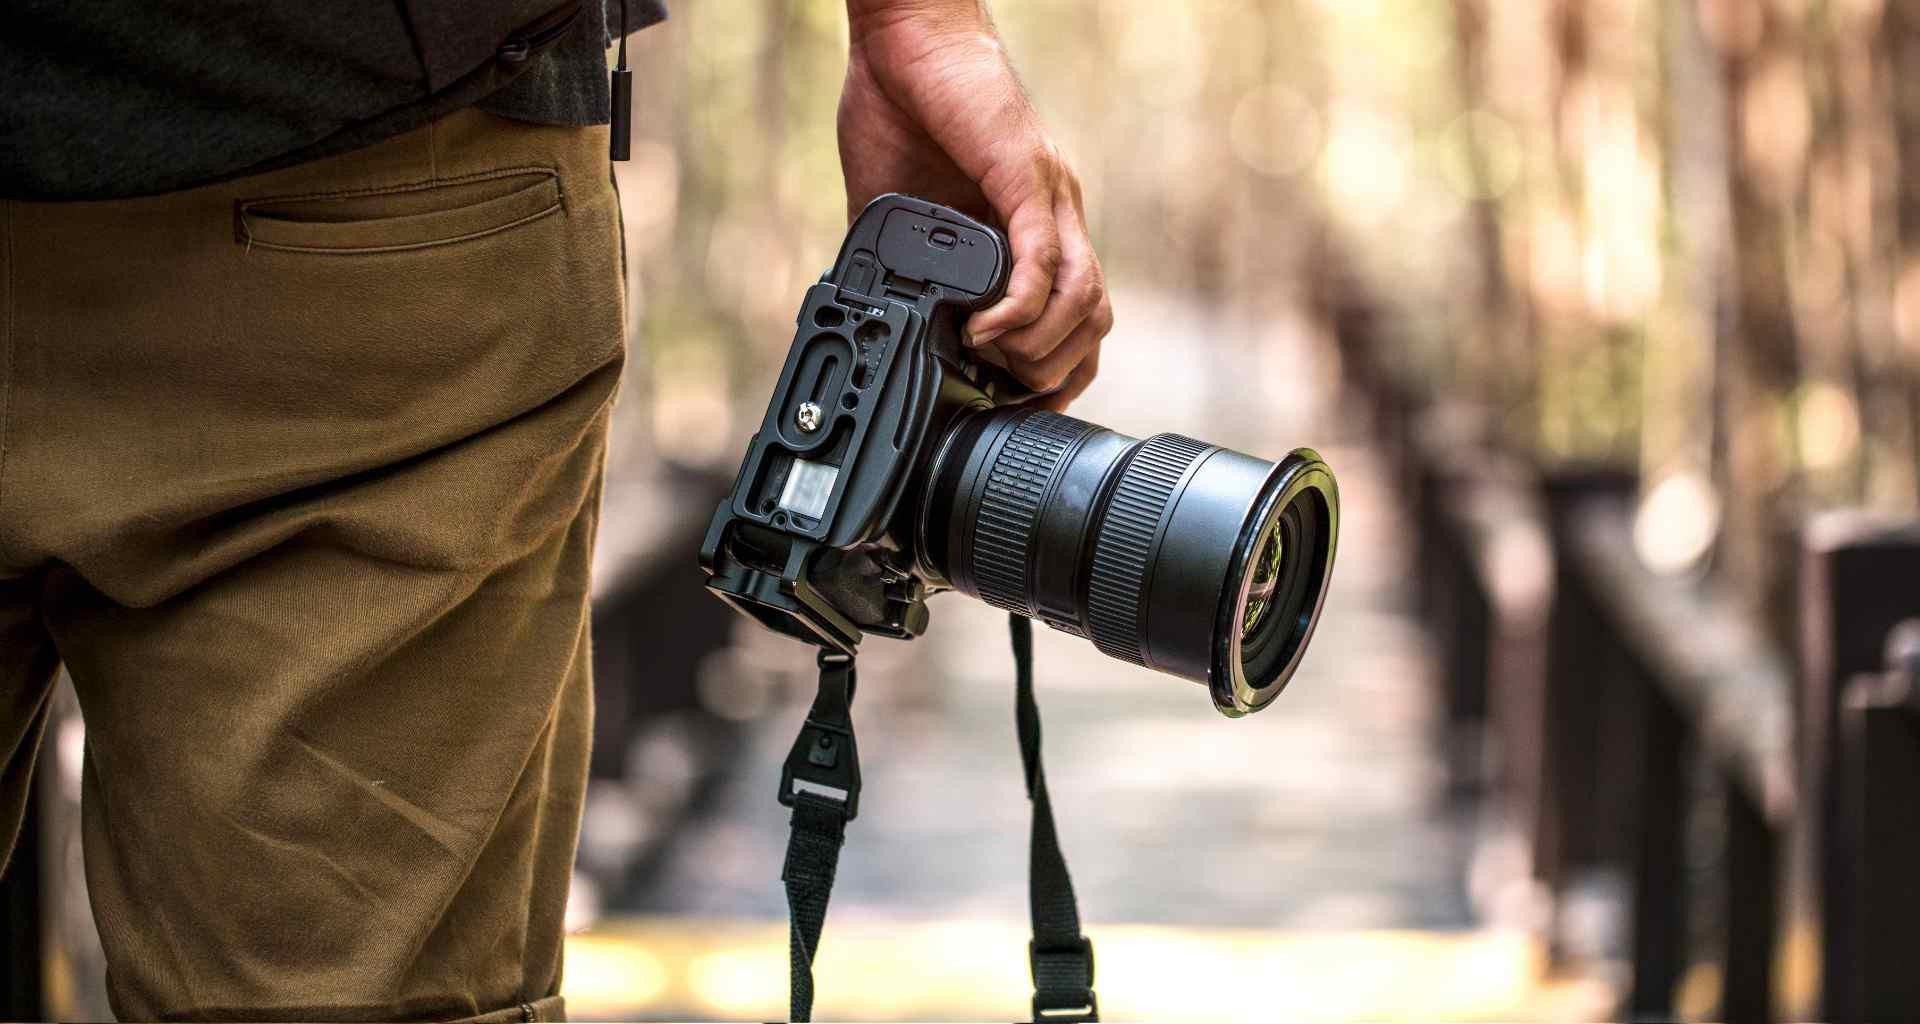 Iščete fotografa, organizirate dogodek? 📸 Pomagali vam bomo najti pravega fotografa za vaš event.